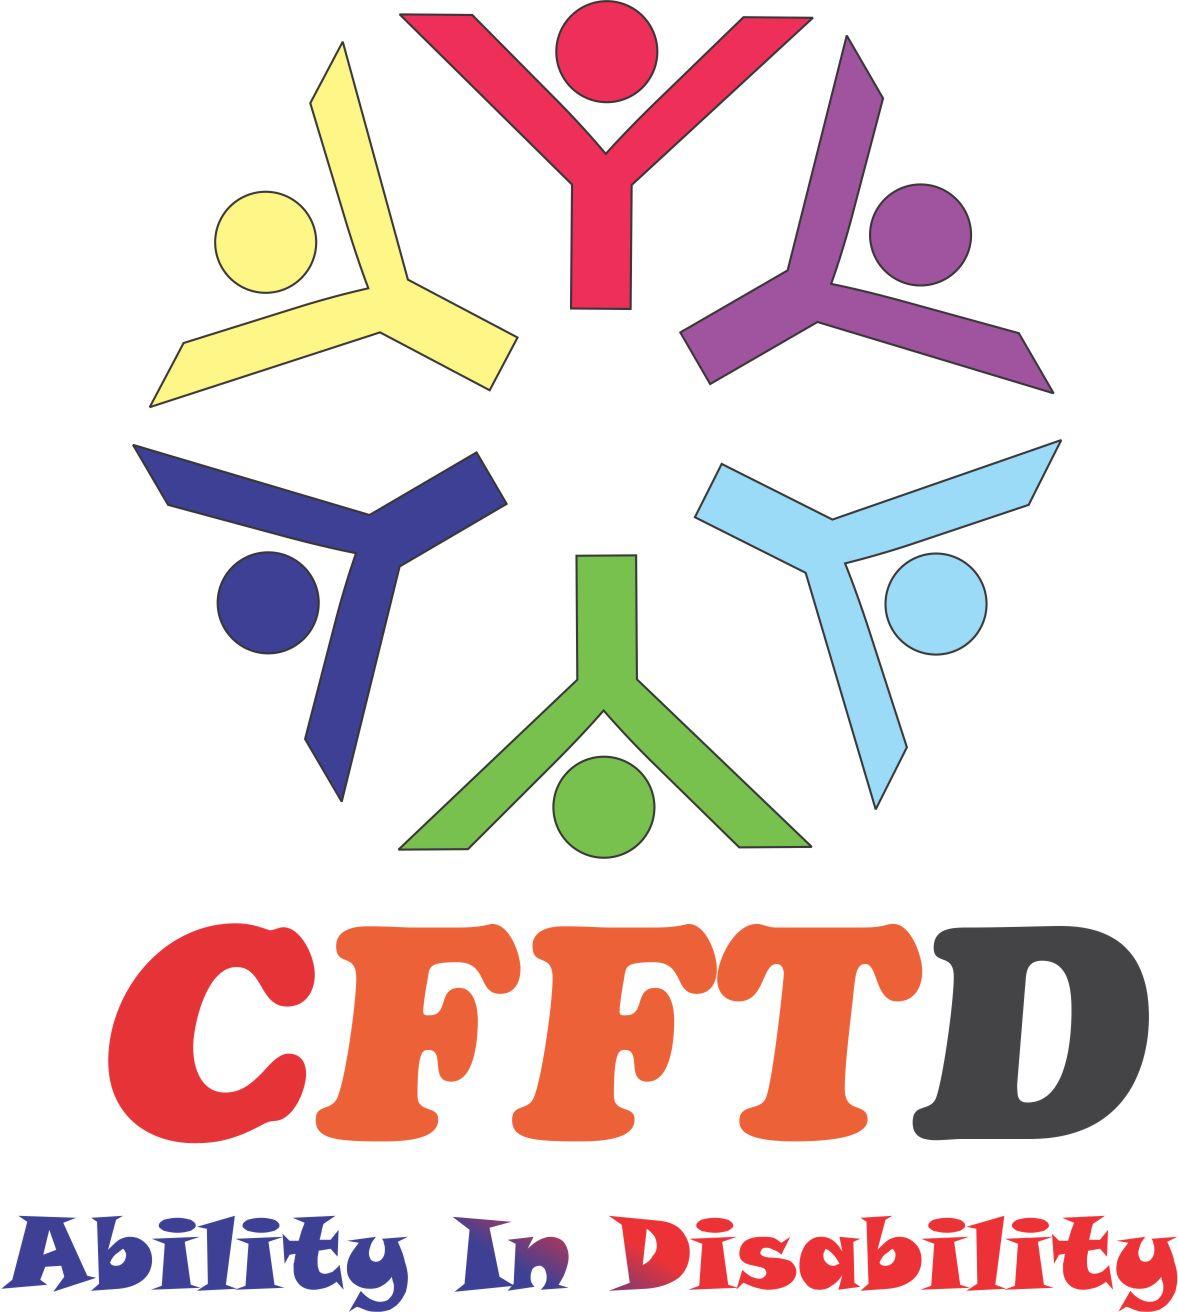 CFFTD 2019